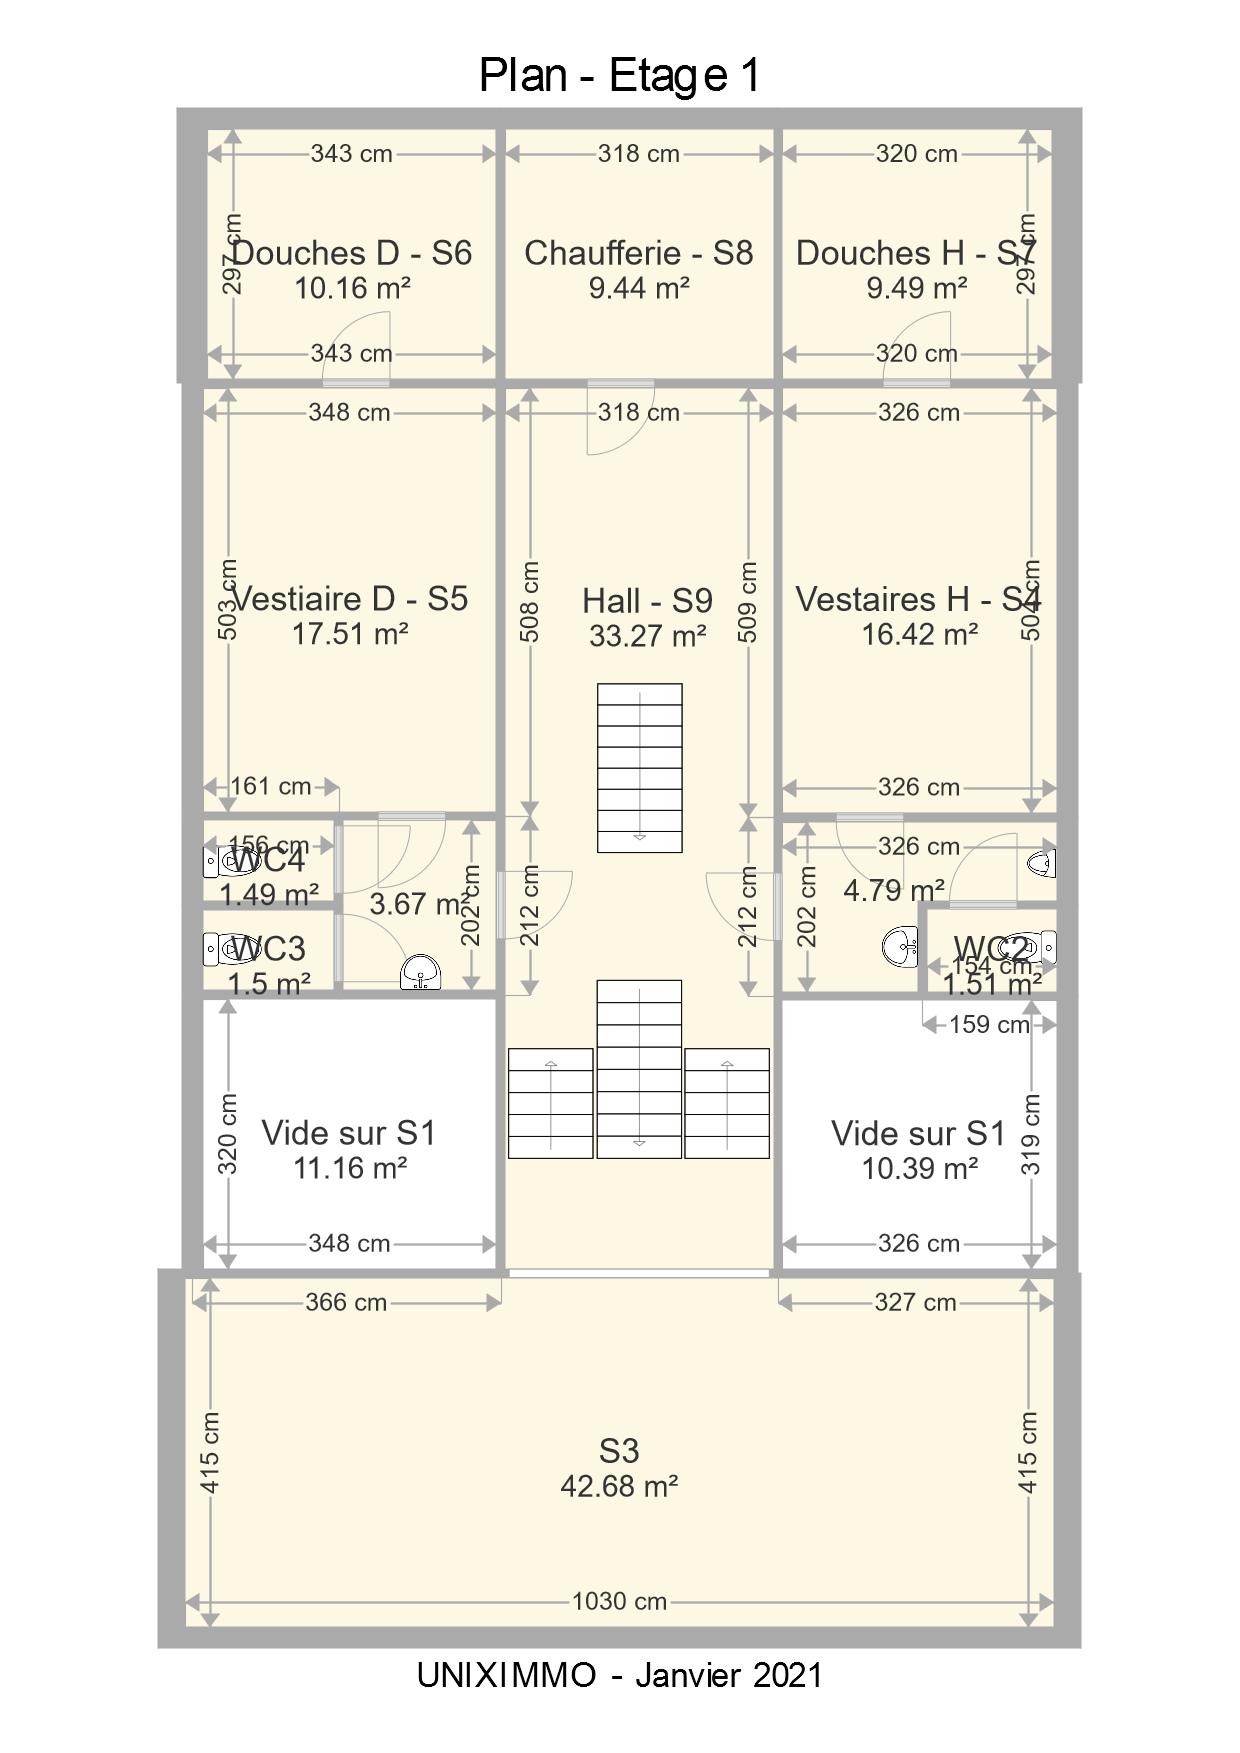 Plan de l'étage 1